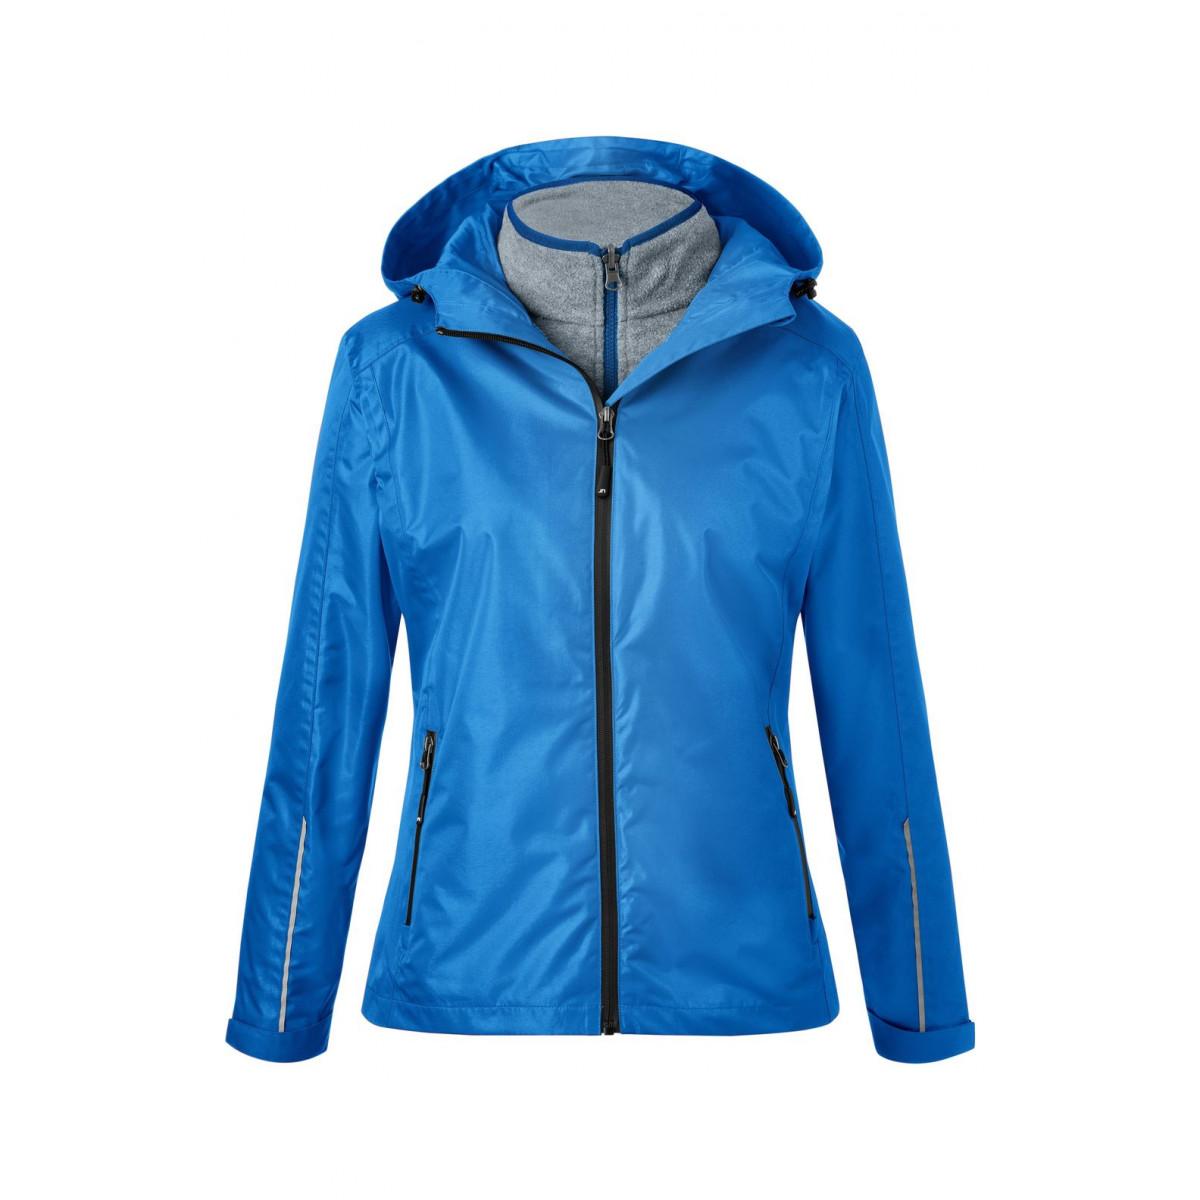 Куртка женская JN1153 Ladies 3-in-1-Jacket - Ярко-синий/Черный